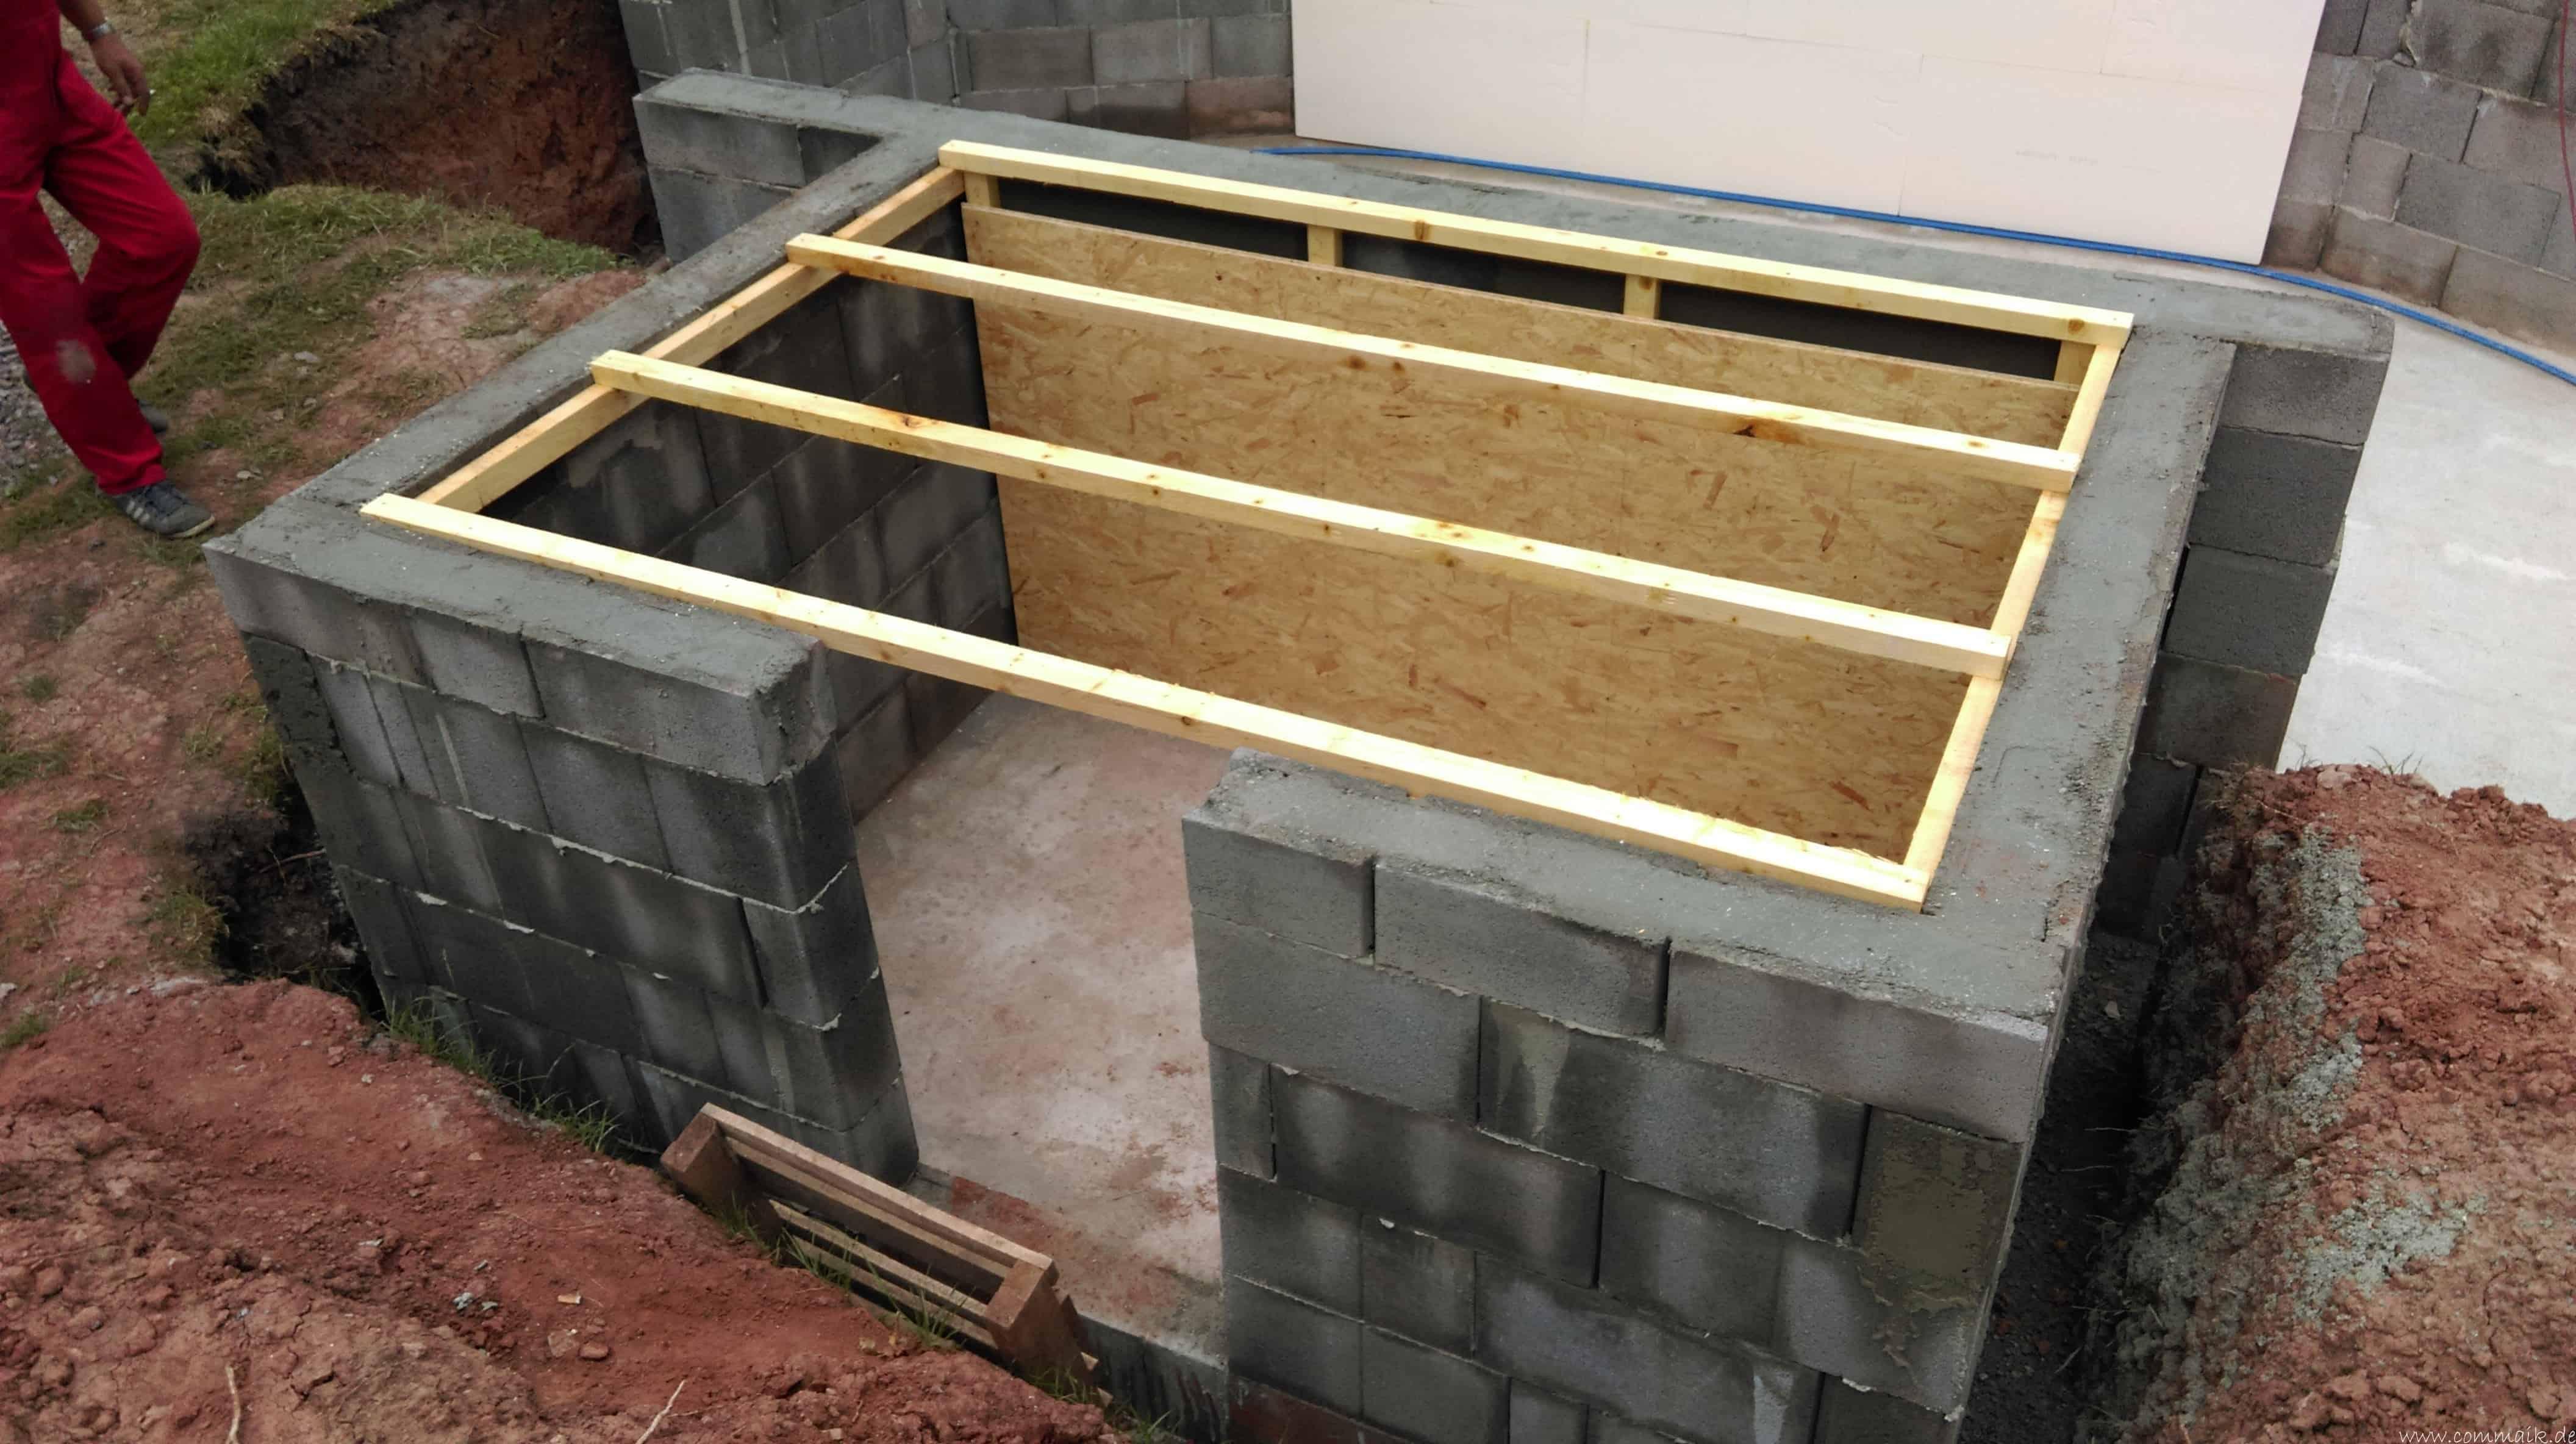 projekt poolbau das technikhaus commaik. Black Bedroom Furniture Sets. Home Design Ideas